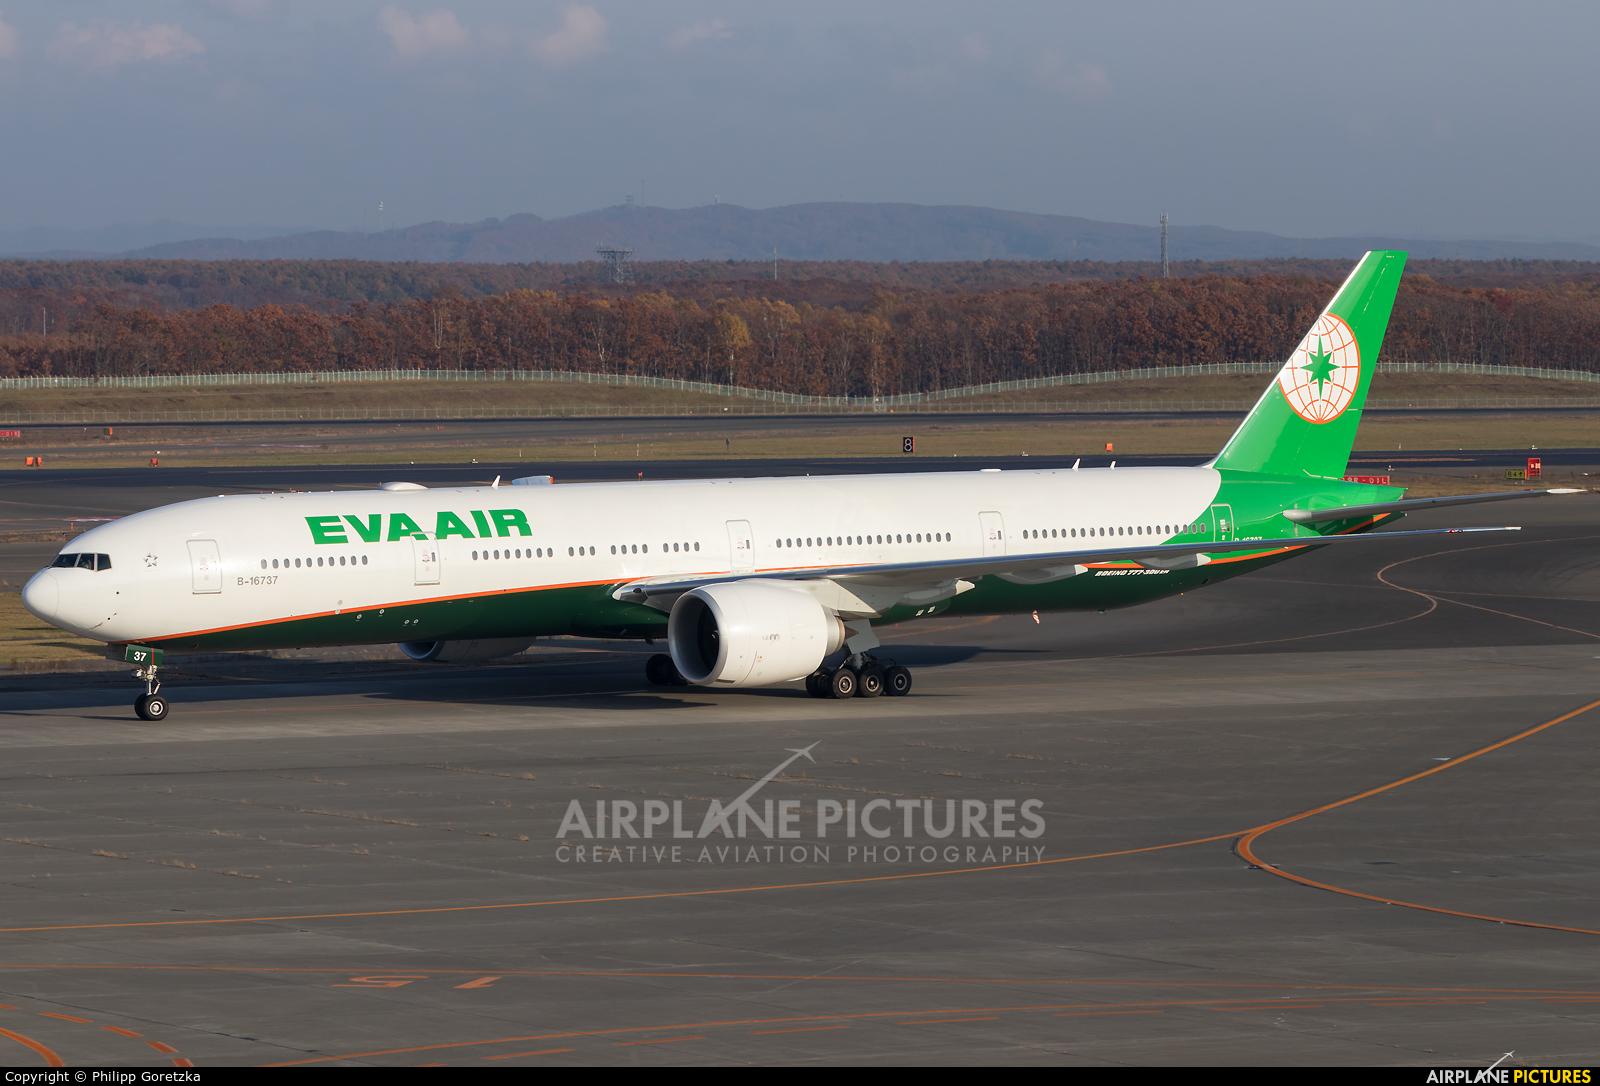 Eva Air B-16737 aircraft at New Chitose